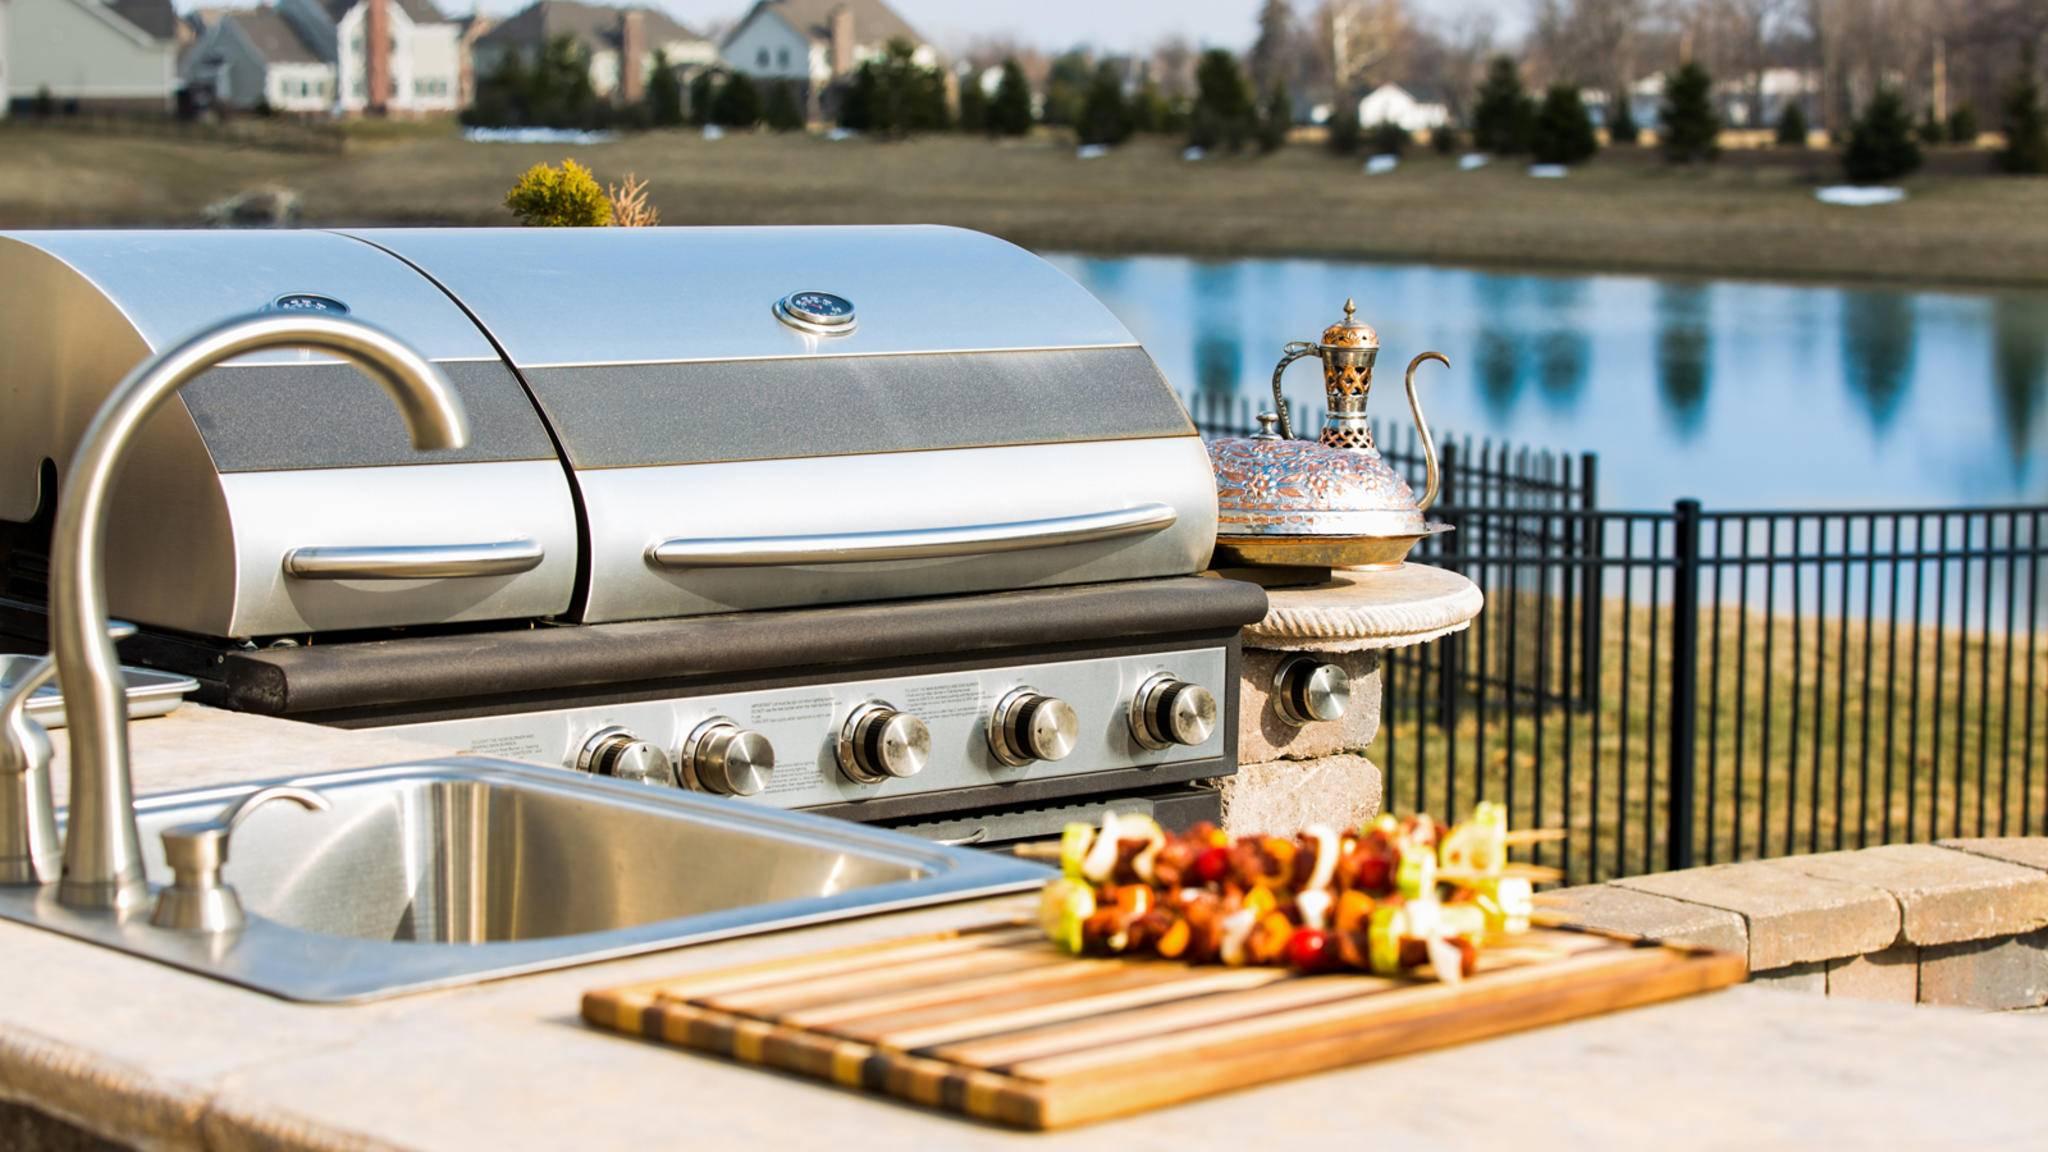 Outdoorküche Mit Spüle Kaufen : Outdoor küche: tipps zu ausstattung und kauf